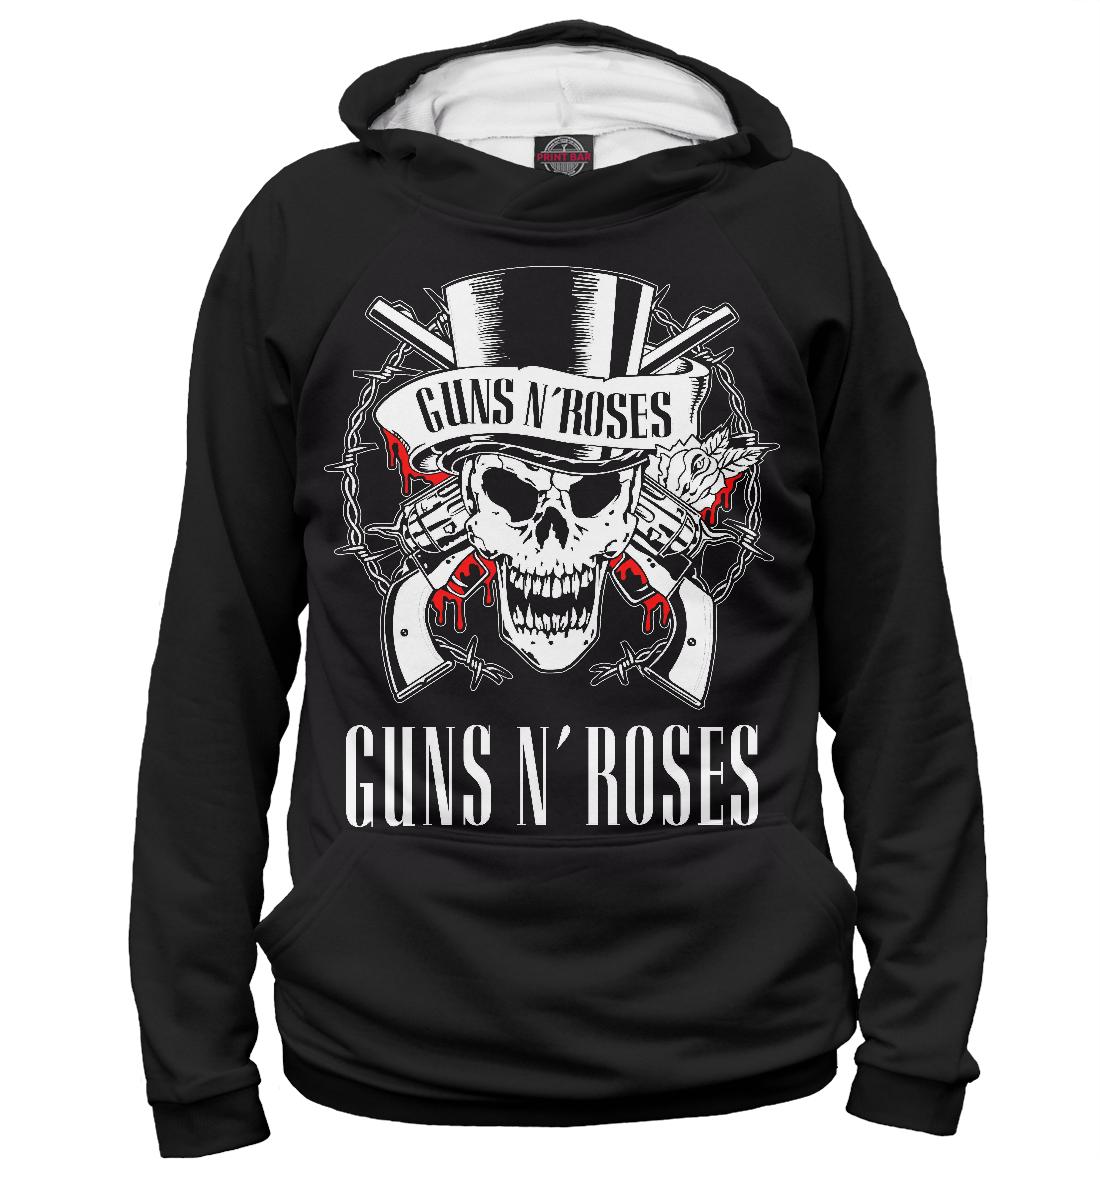 Купить Guns N'Roses, Printbar, Худи, GNR-629158-hud-1